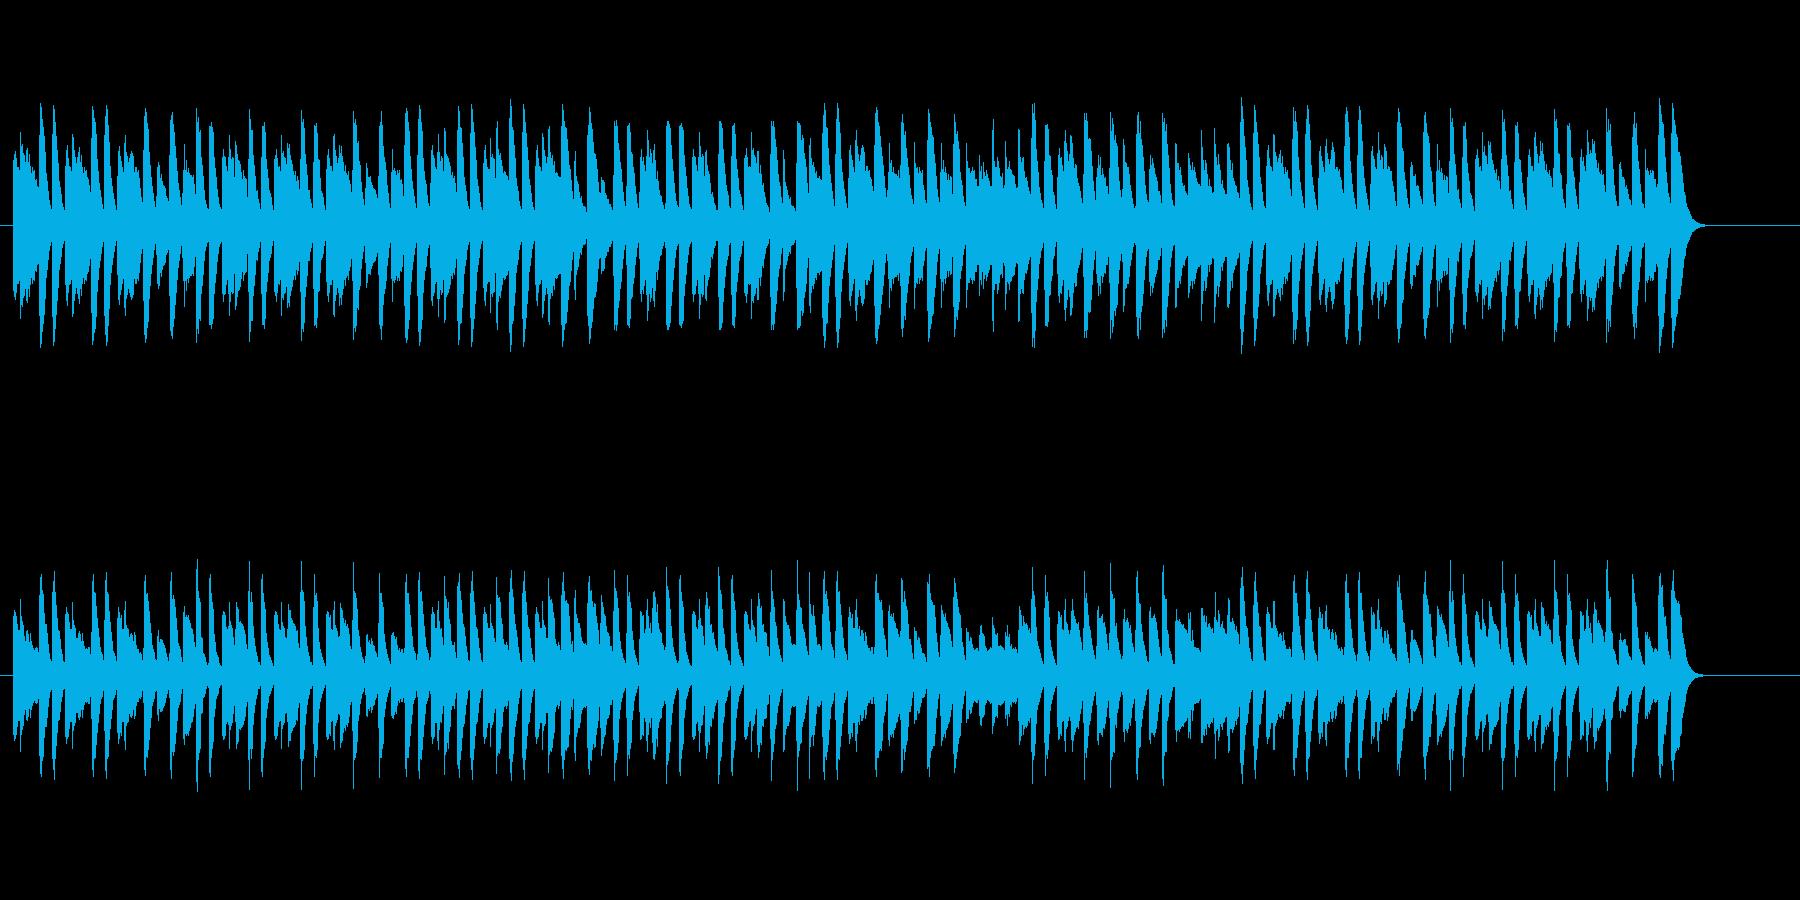 猫踏んじゃったをシンセピアノでの再生済みの波形